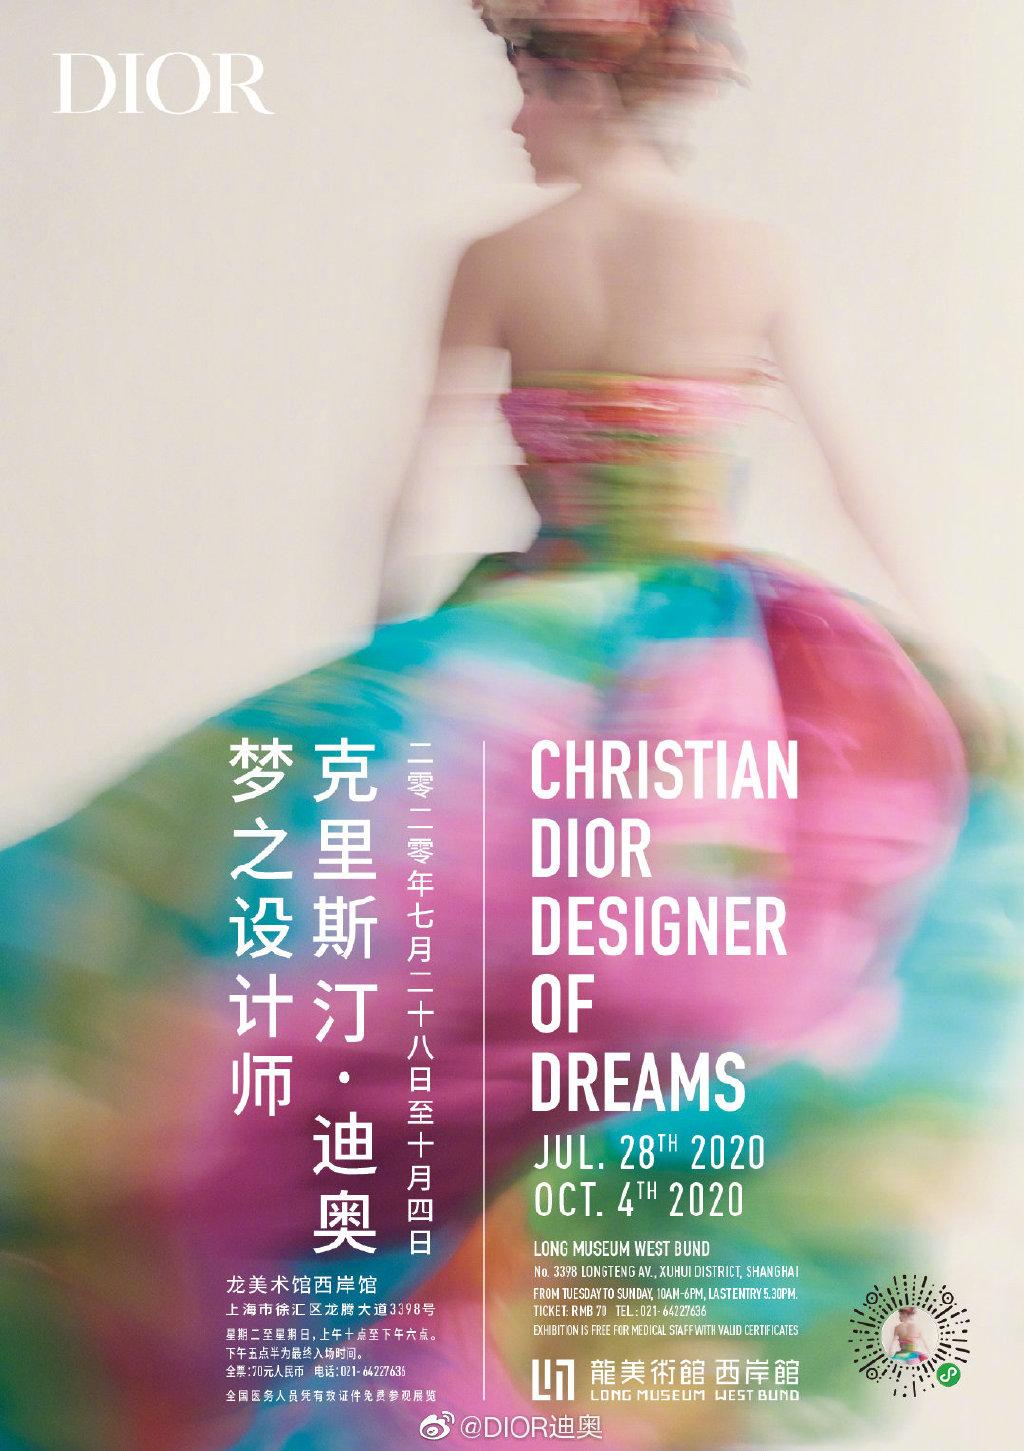 """克里斯汀•迪奥,梦之设计师(CHRISTIANDIOR,DESIGNEROFDREAMS)""""展览于上海揭幕"""